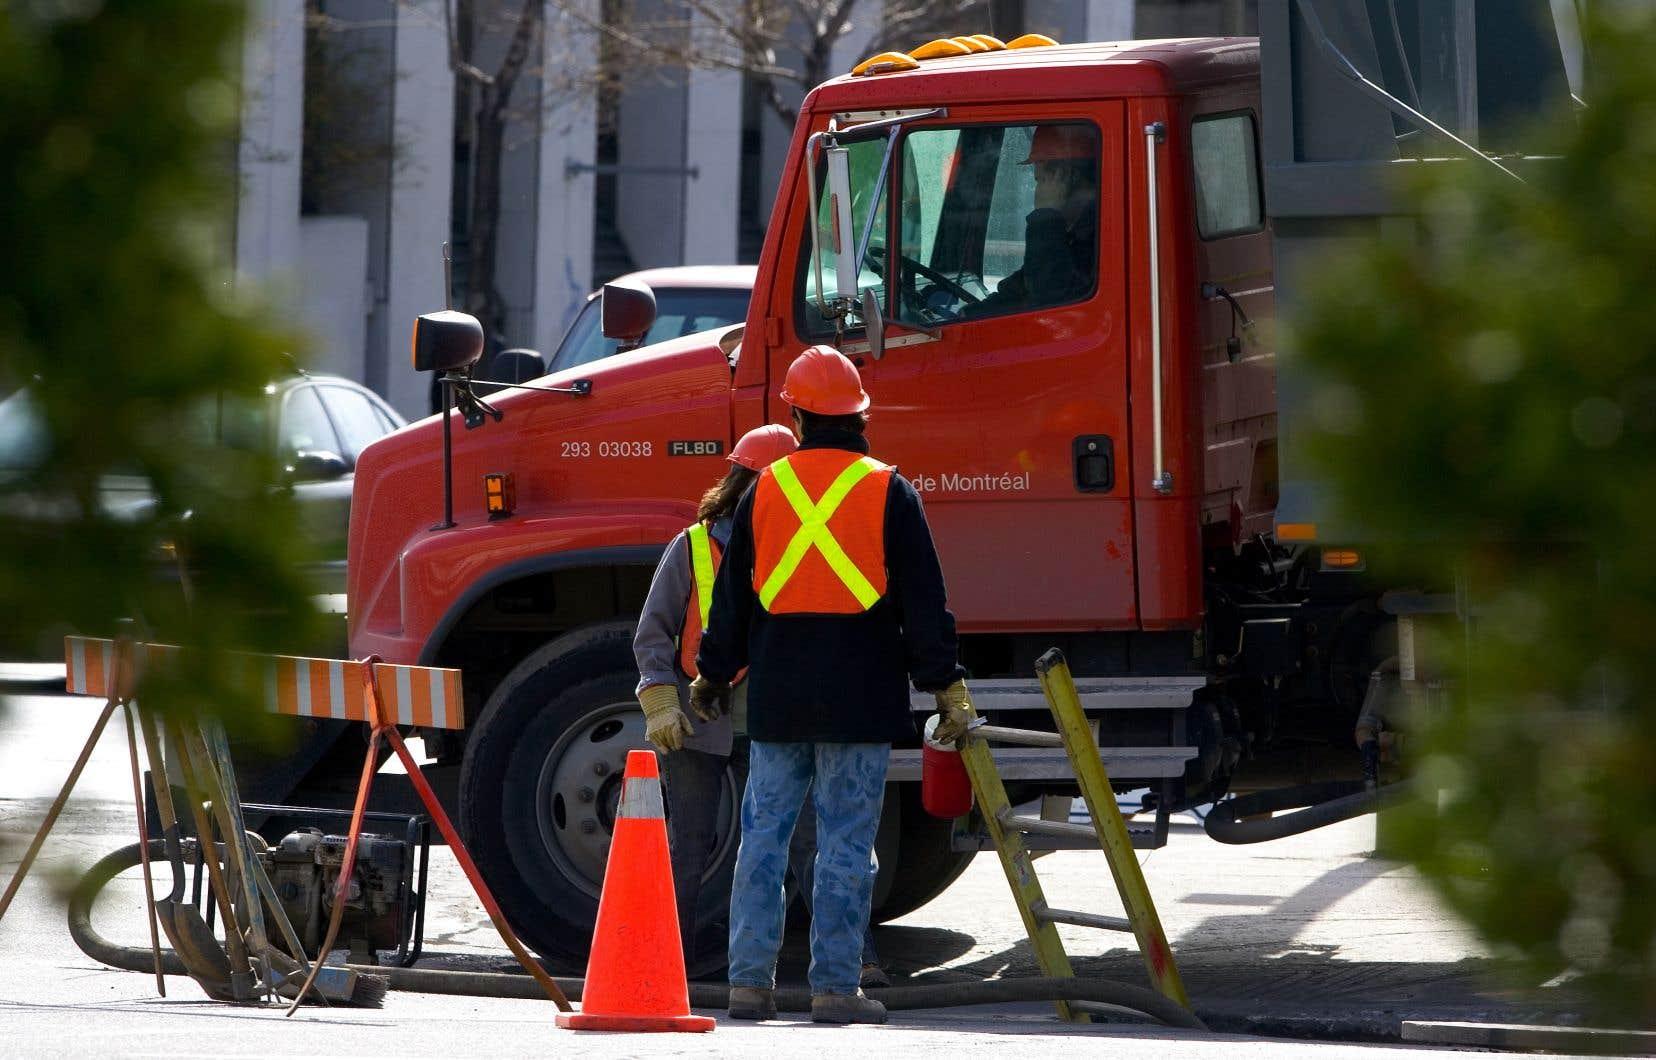 Comme le rapportait «Le Devoir» lundi, une enquête menée l'an dernier par une firme indépendante a révélé que le climat de travail au Service des travaux publics de l'arrondissement était «toxique» pour certains employés.